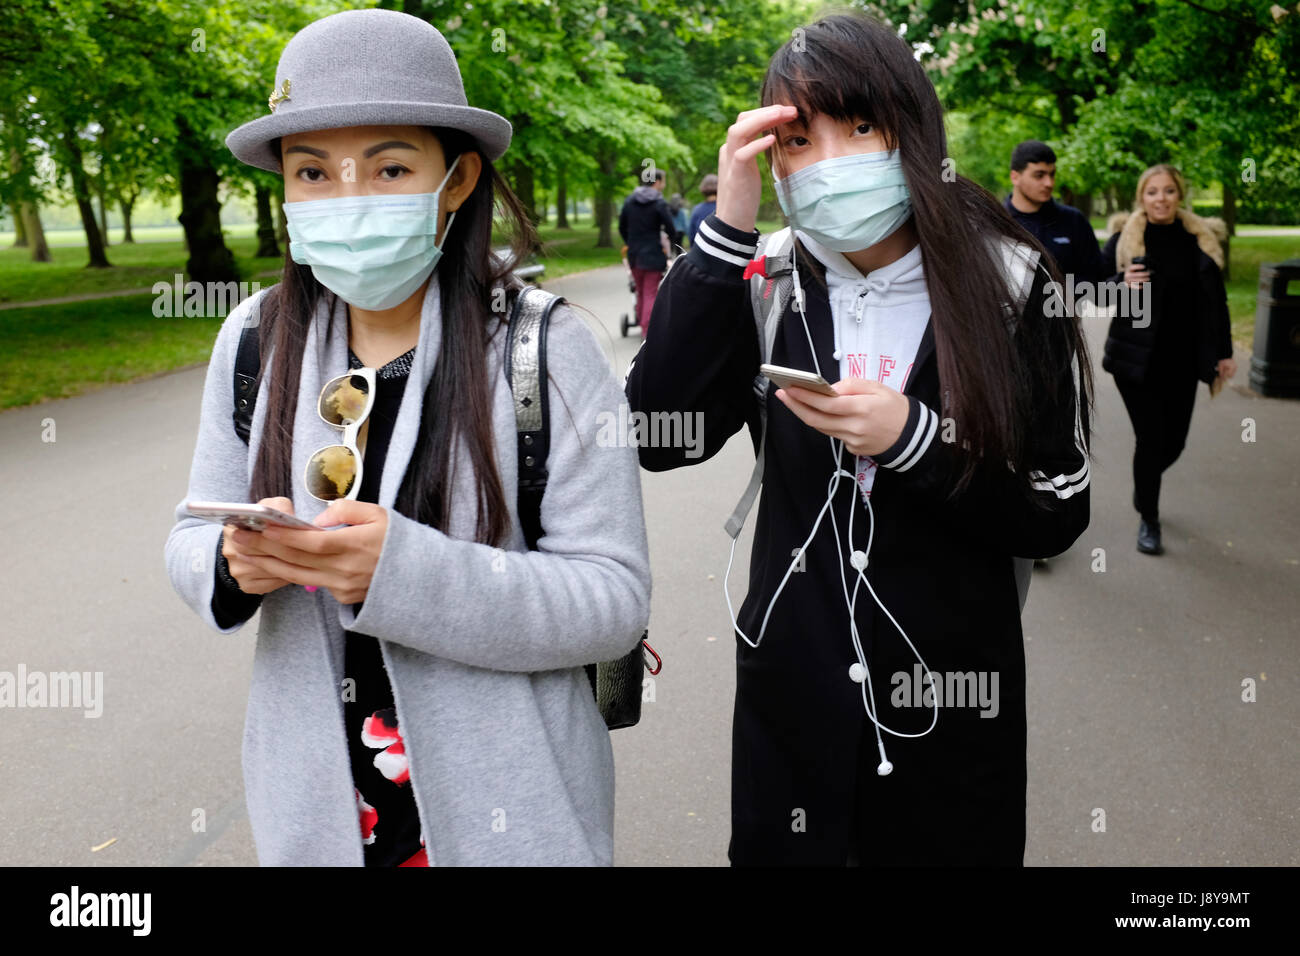 Dos jóvenes mujeres asiáticas llevar mascarillas de contaminación en un parque de Londres, Inglaterra, Imagen De Stock